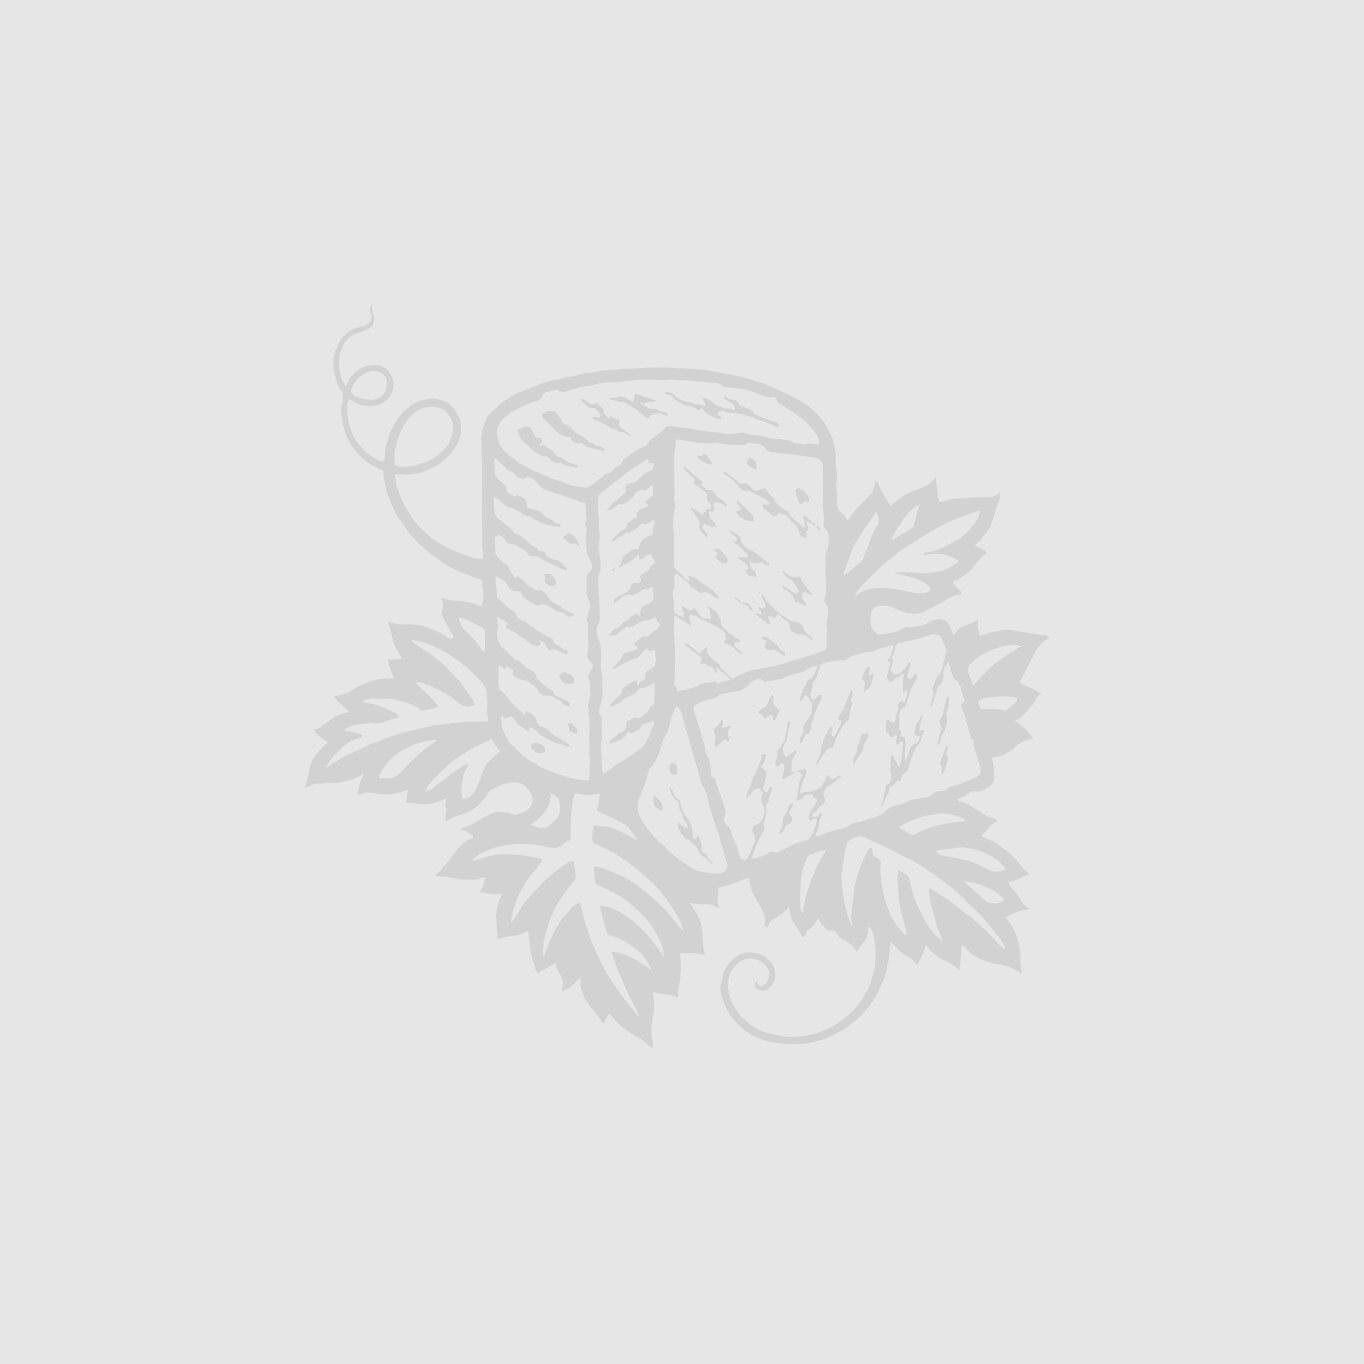 Chorey Les Beaune 'Les Bons Ores' Domaine Guyon 2017